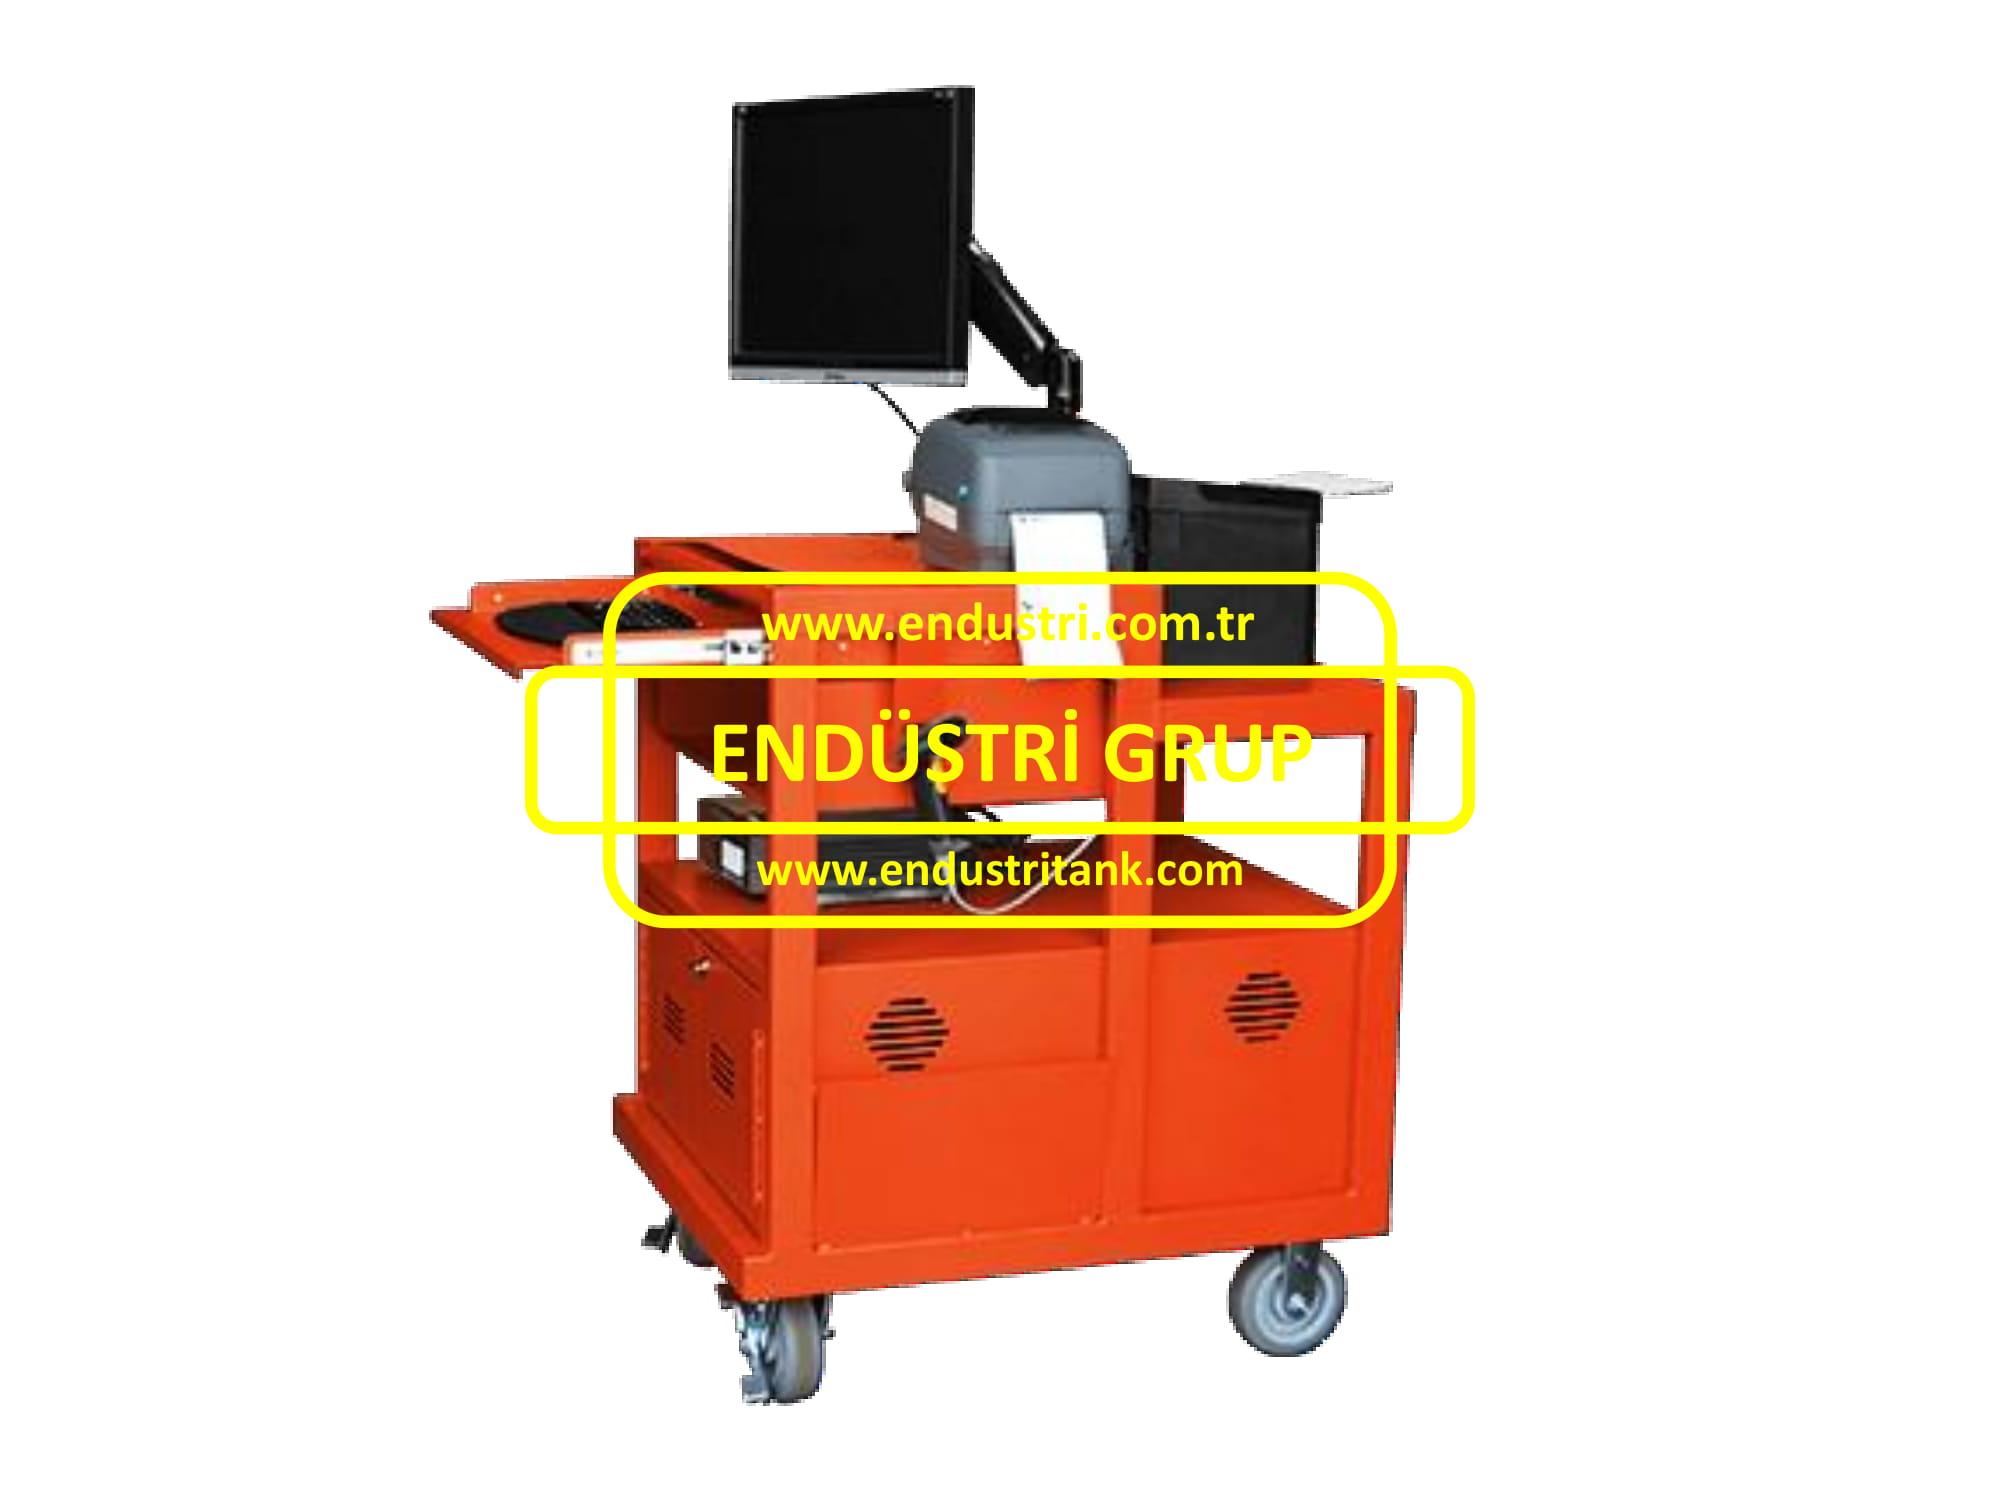 tekerlekli-yazici-monitor-bilgisayar-test-cihazi-elektronik-ekipman-tasima-servis-arabasi-dolabi-sehpasi-fiyati